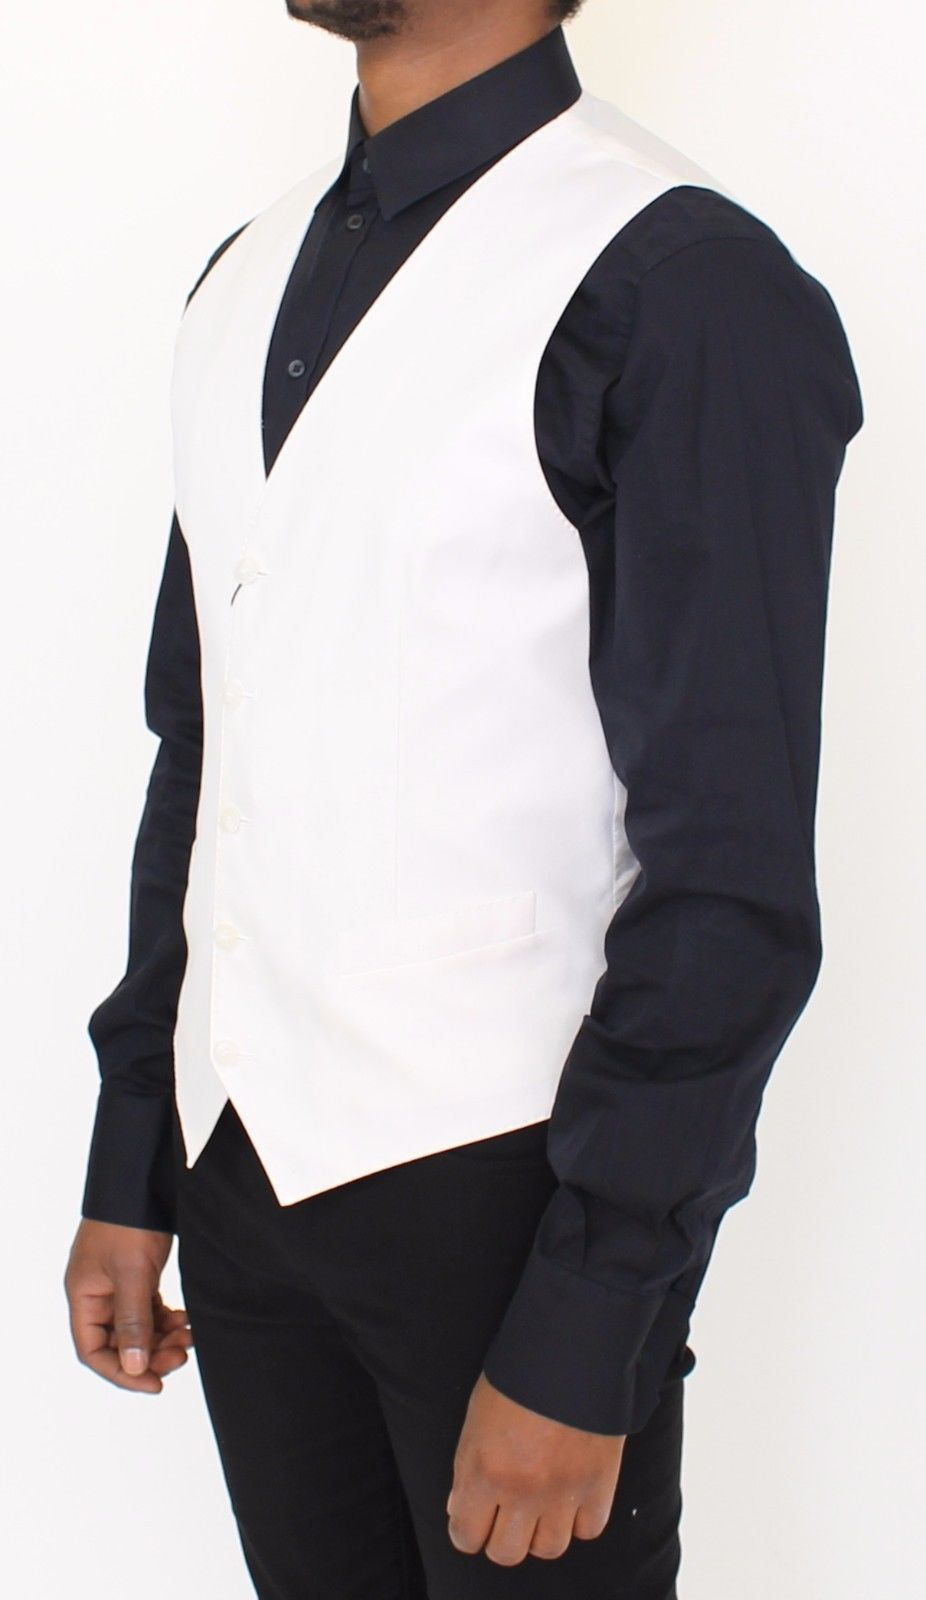 Dolce & Gabbana White Cotton Silk Blend Dress Vest Blazer